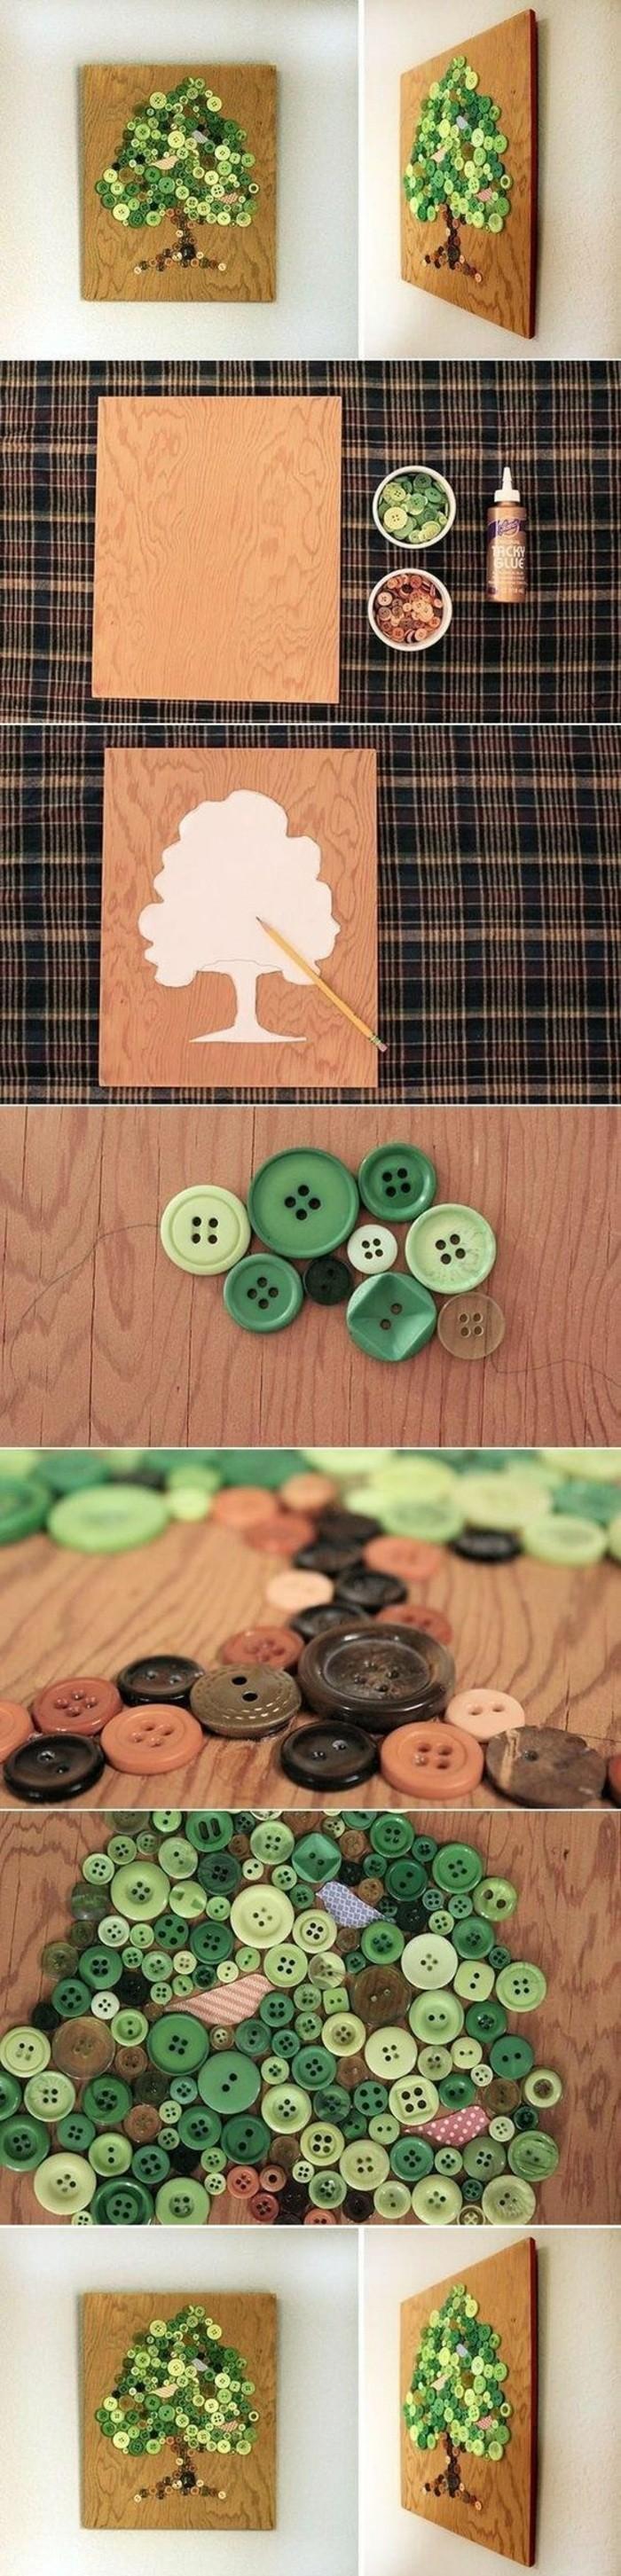 arbre en boutons verts comme déco murale, idée de bricolage original, déco créative en bois